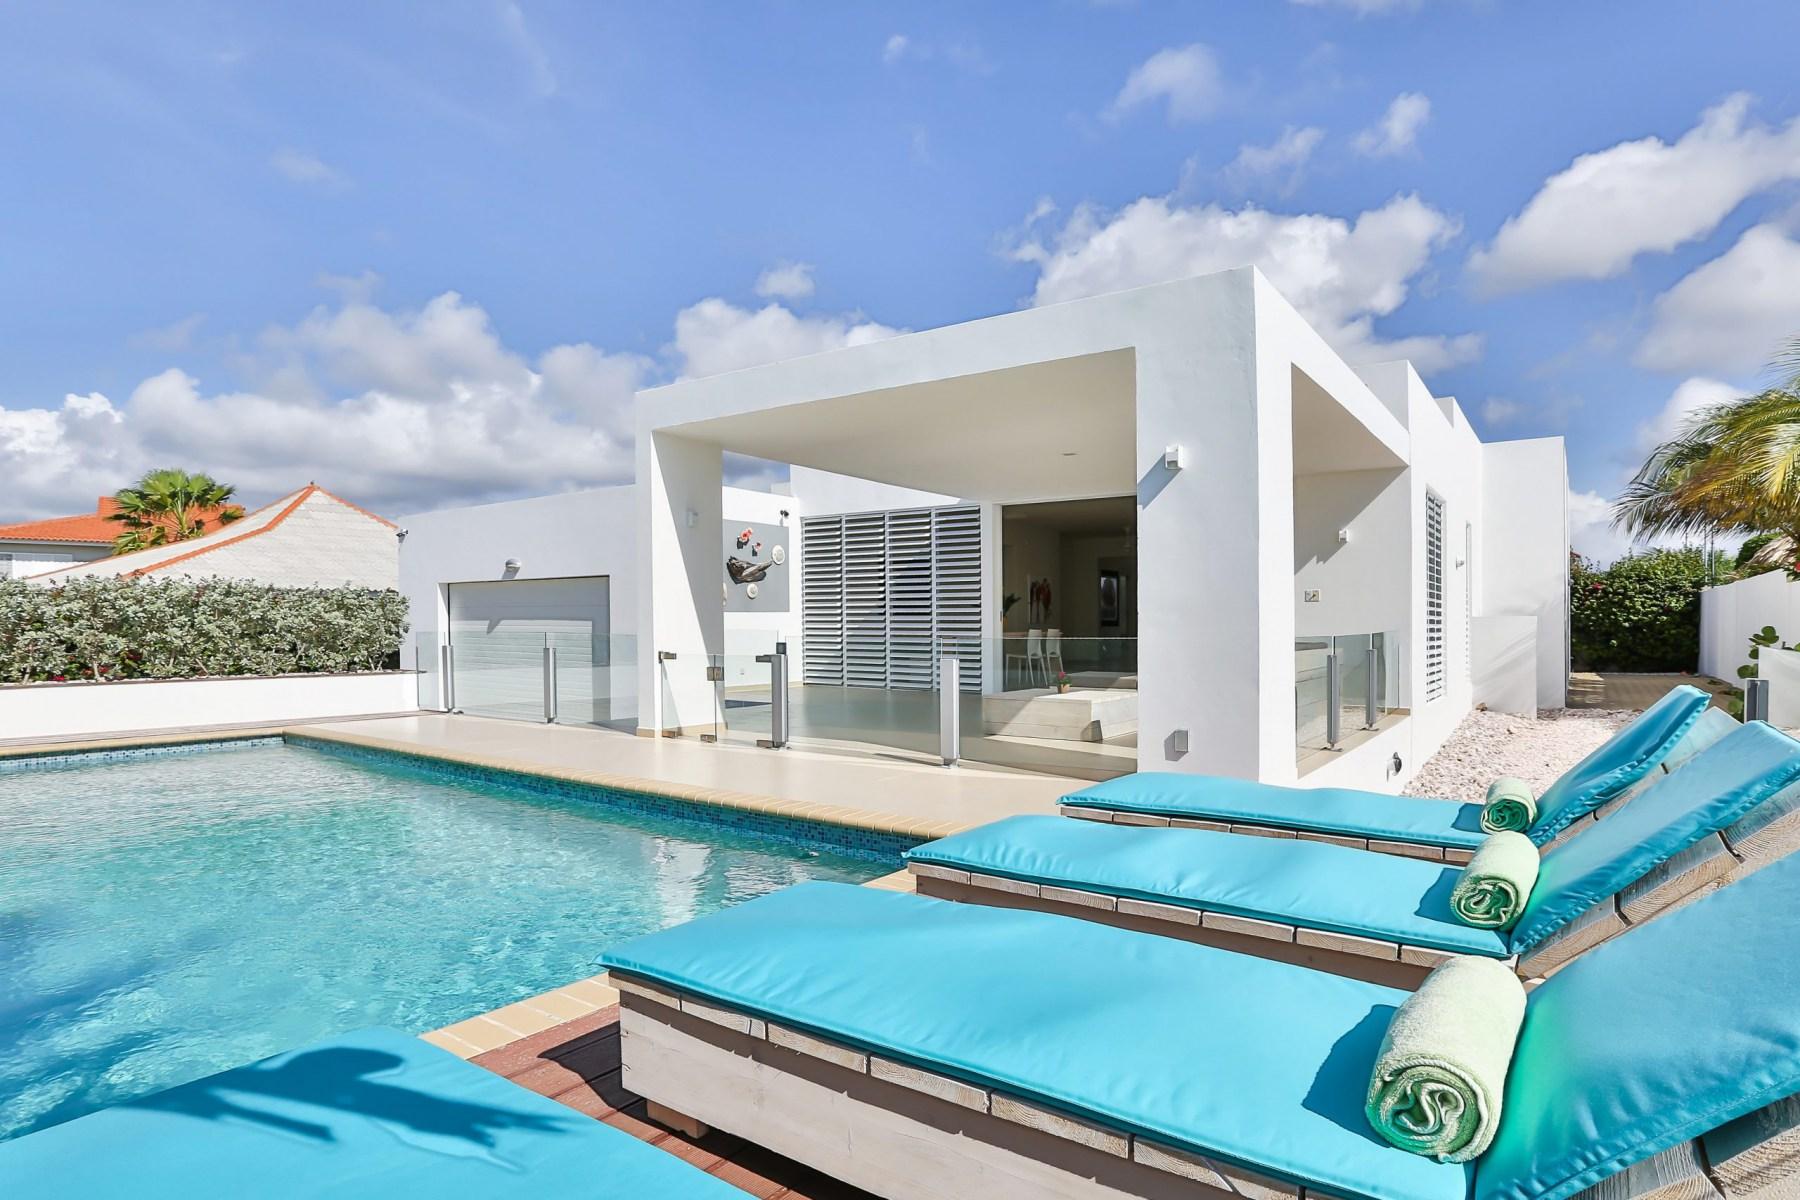 Villa-met-zwembad-scaled